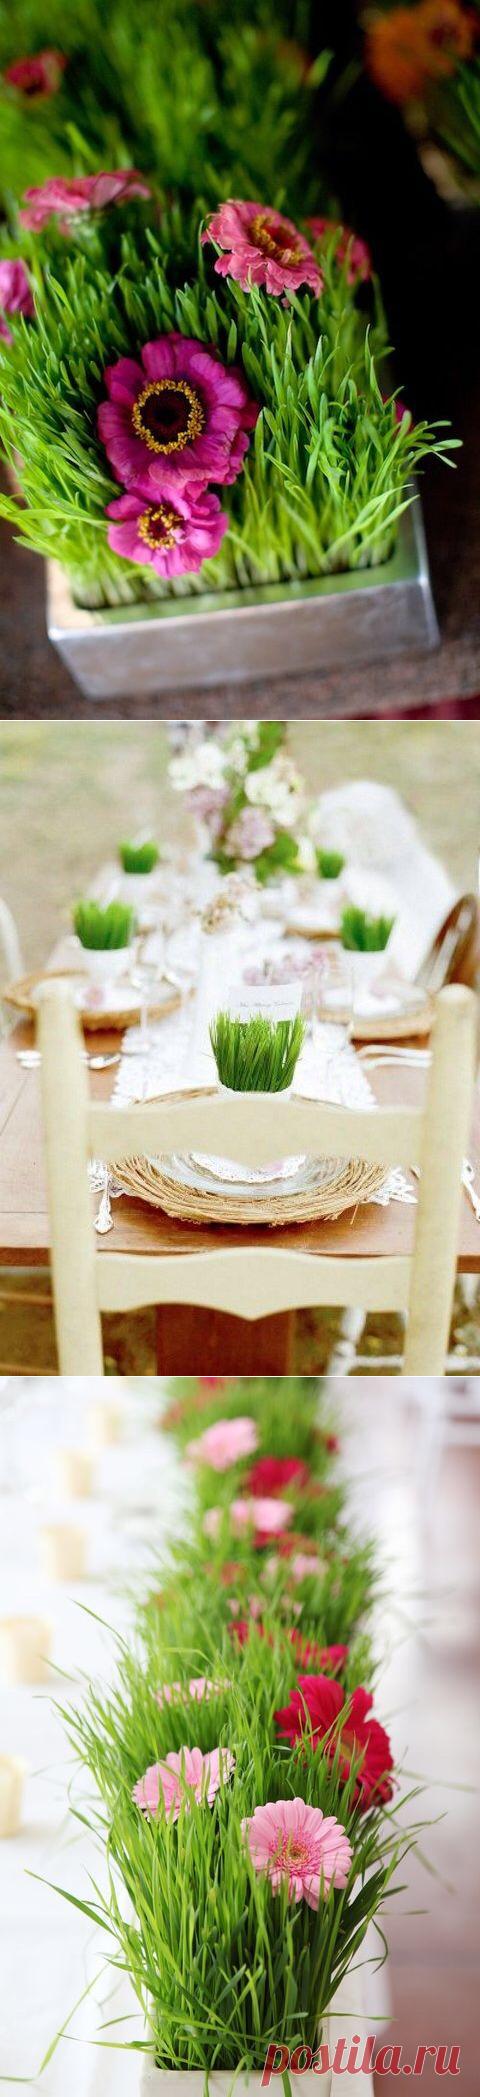 Весенняя свежесть в декоре свадьбы.